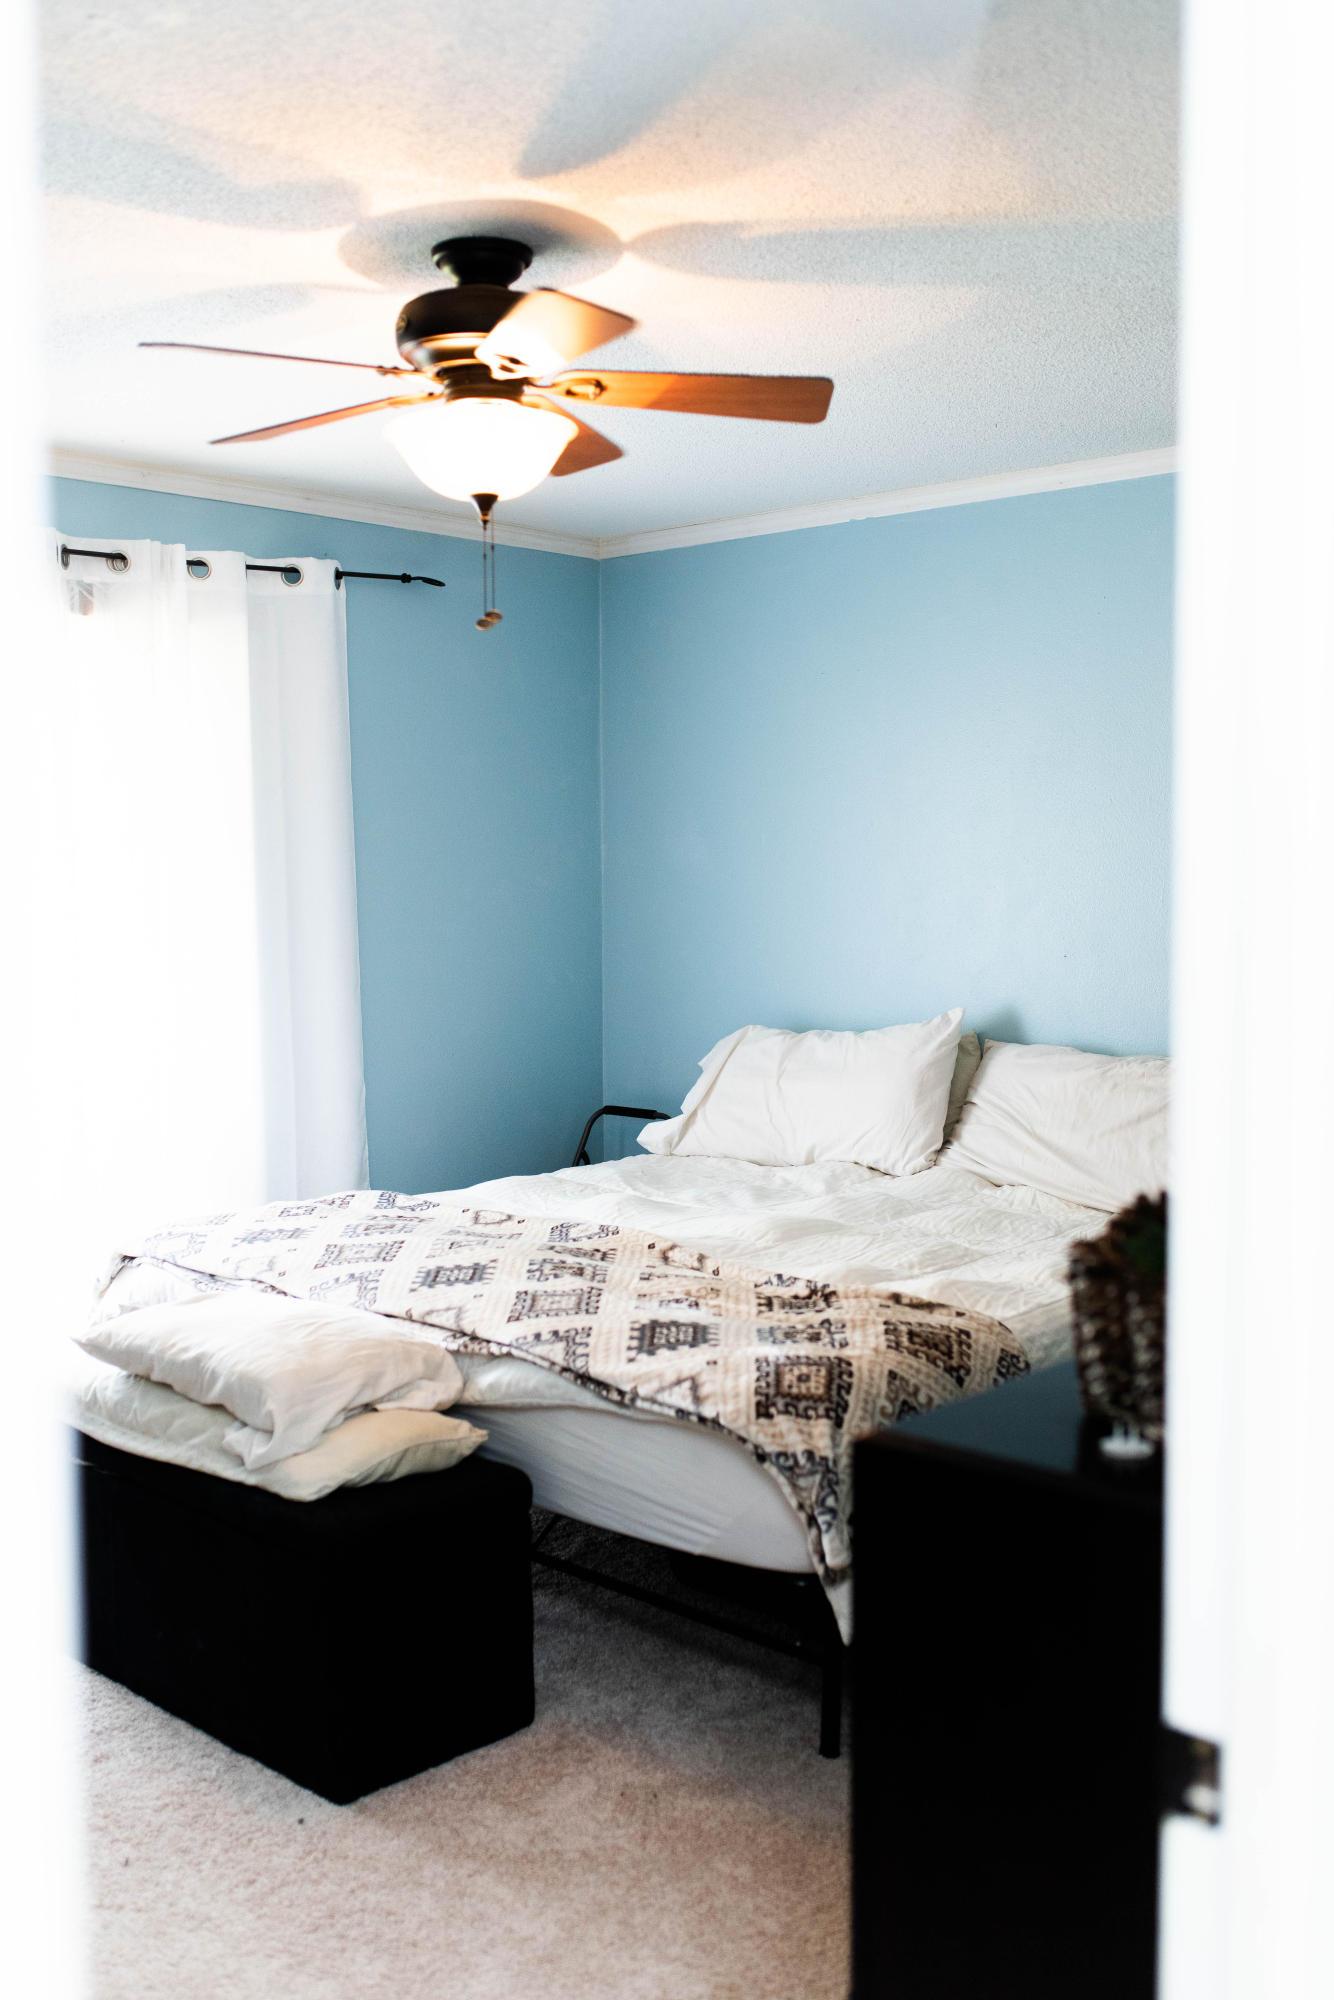 DeRidder home for sale, 1804 Donna Dr, DeRidder LA - $154,900